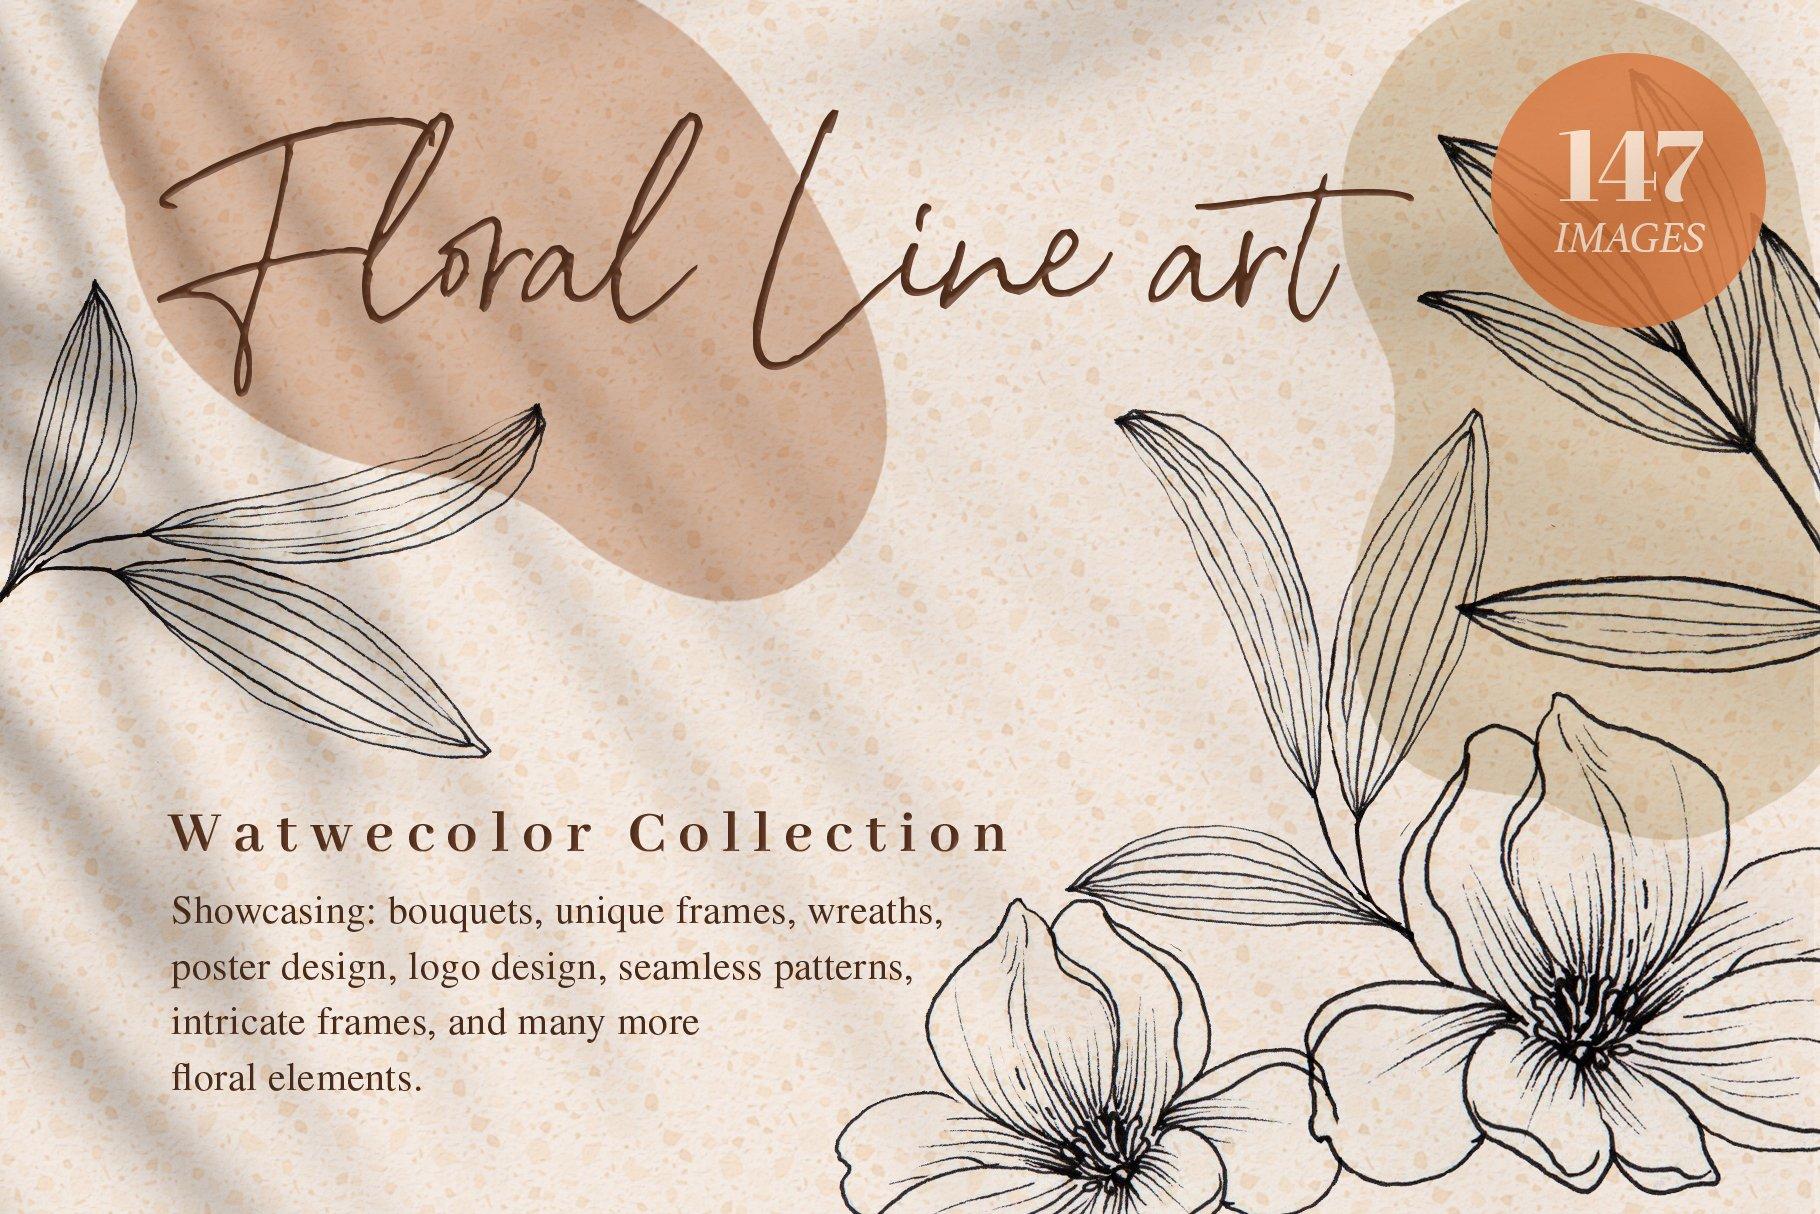 好看的花卉线条艺术独特插画素材designshidai_chahua042